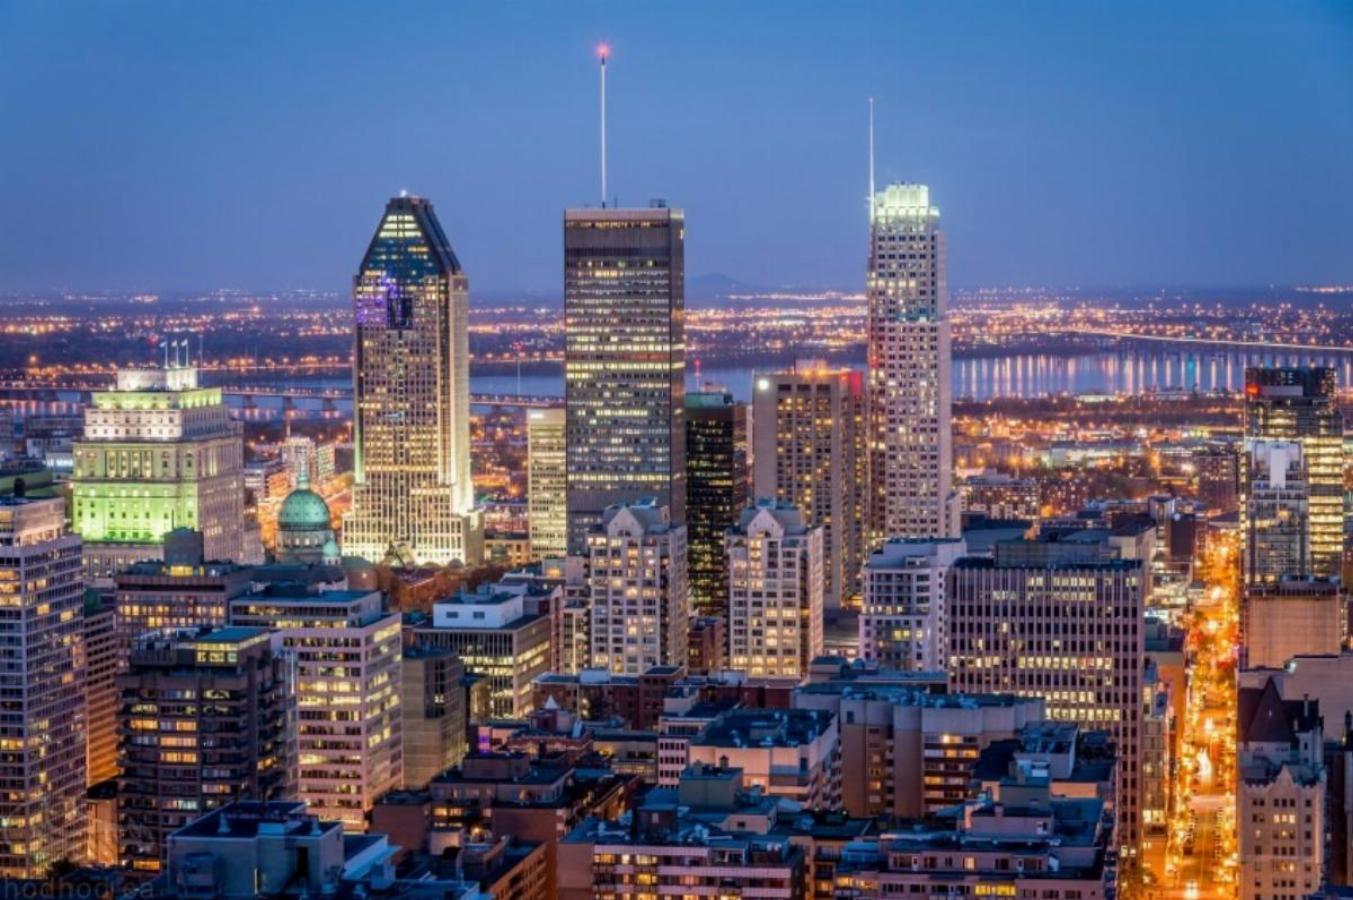 خرید ملک تجاری در کانادا: چینی ها با 1.3 میلیارد دلار سرمایه گذاری بزرگترین سهم را دارند.